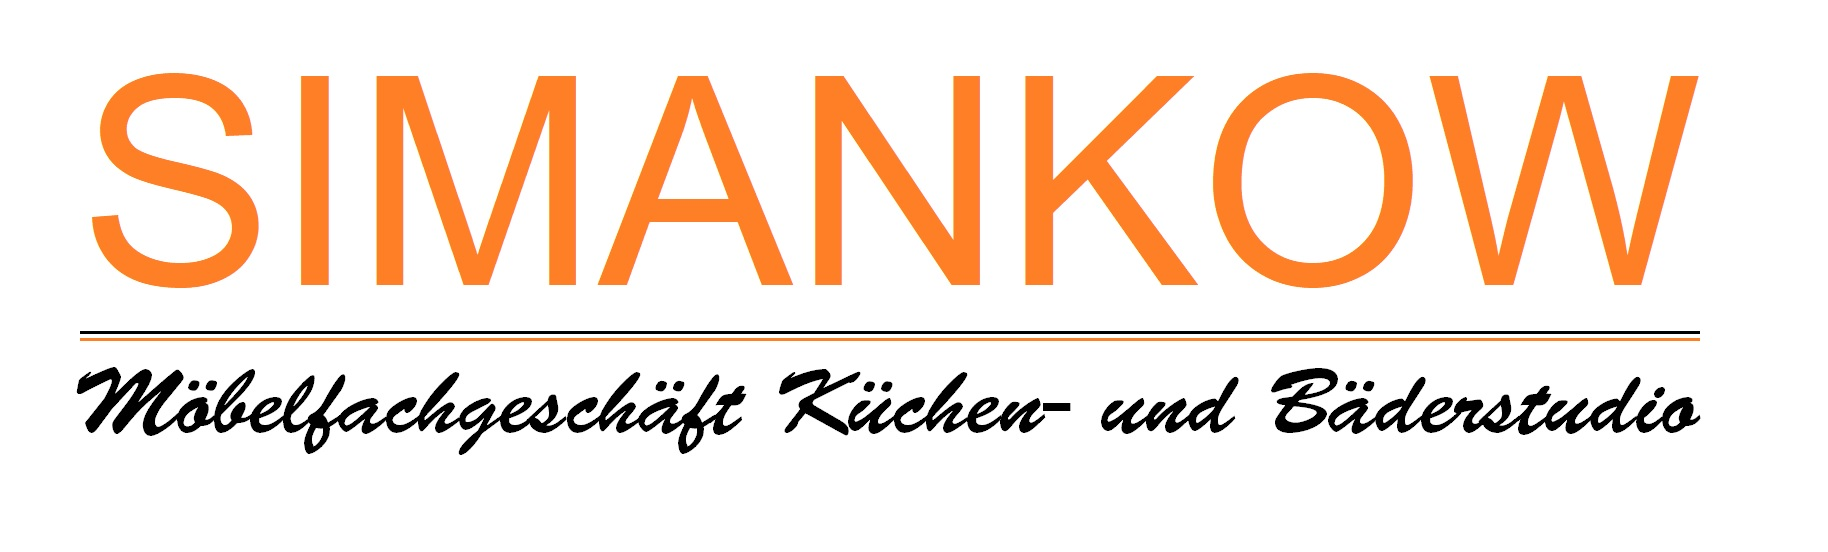 moebelfachgeschaeft-simankow-friedland logo